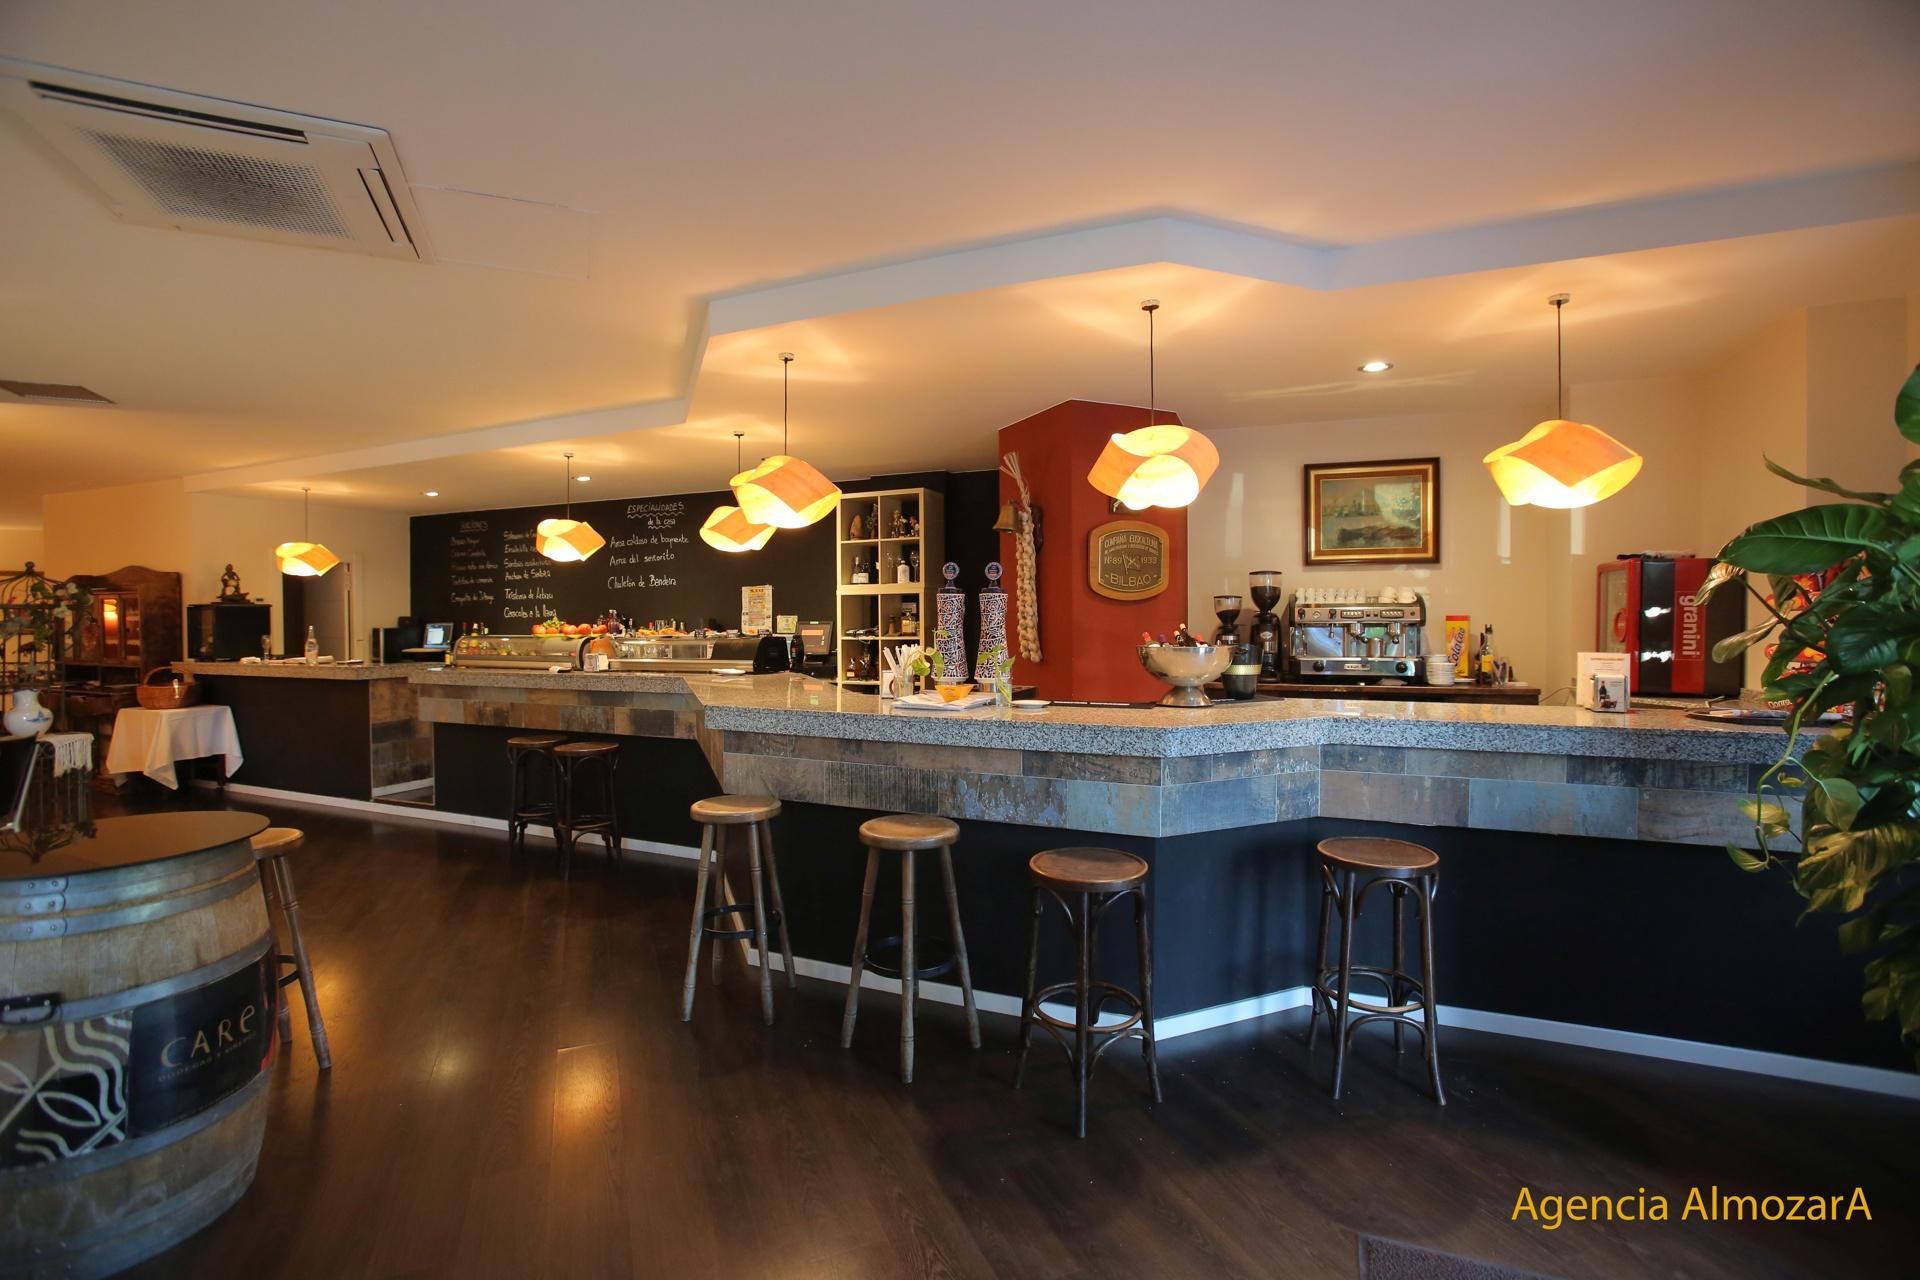 restaurante_maza_etxea_02